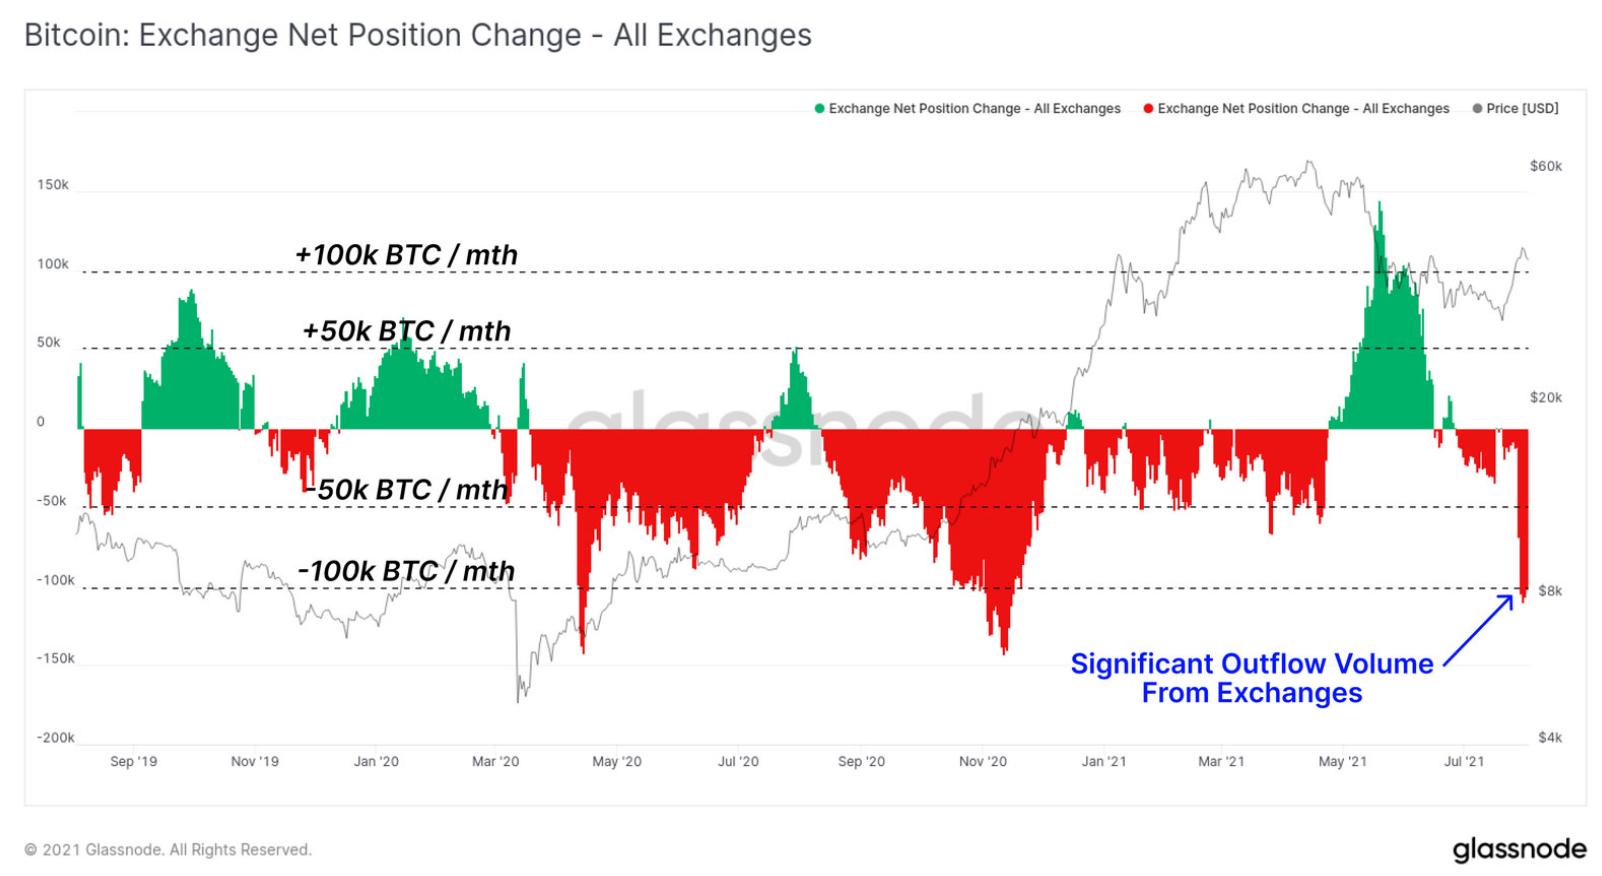 Borsalara Çekilen Bitcoin Miktarı!